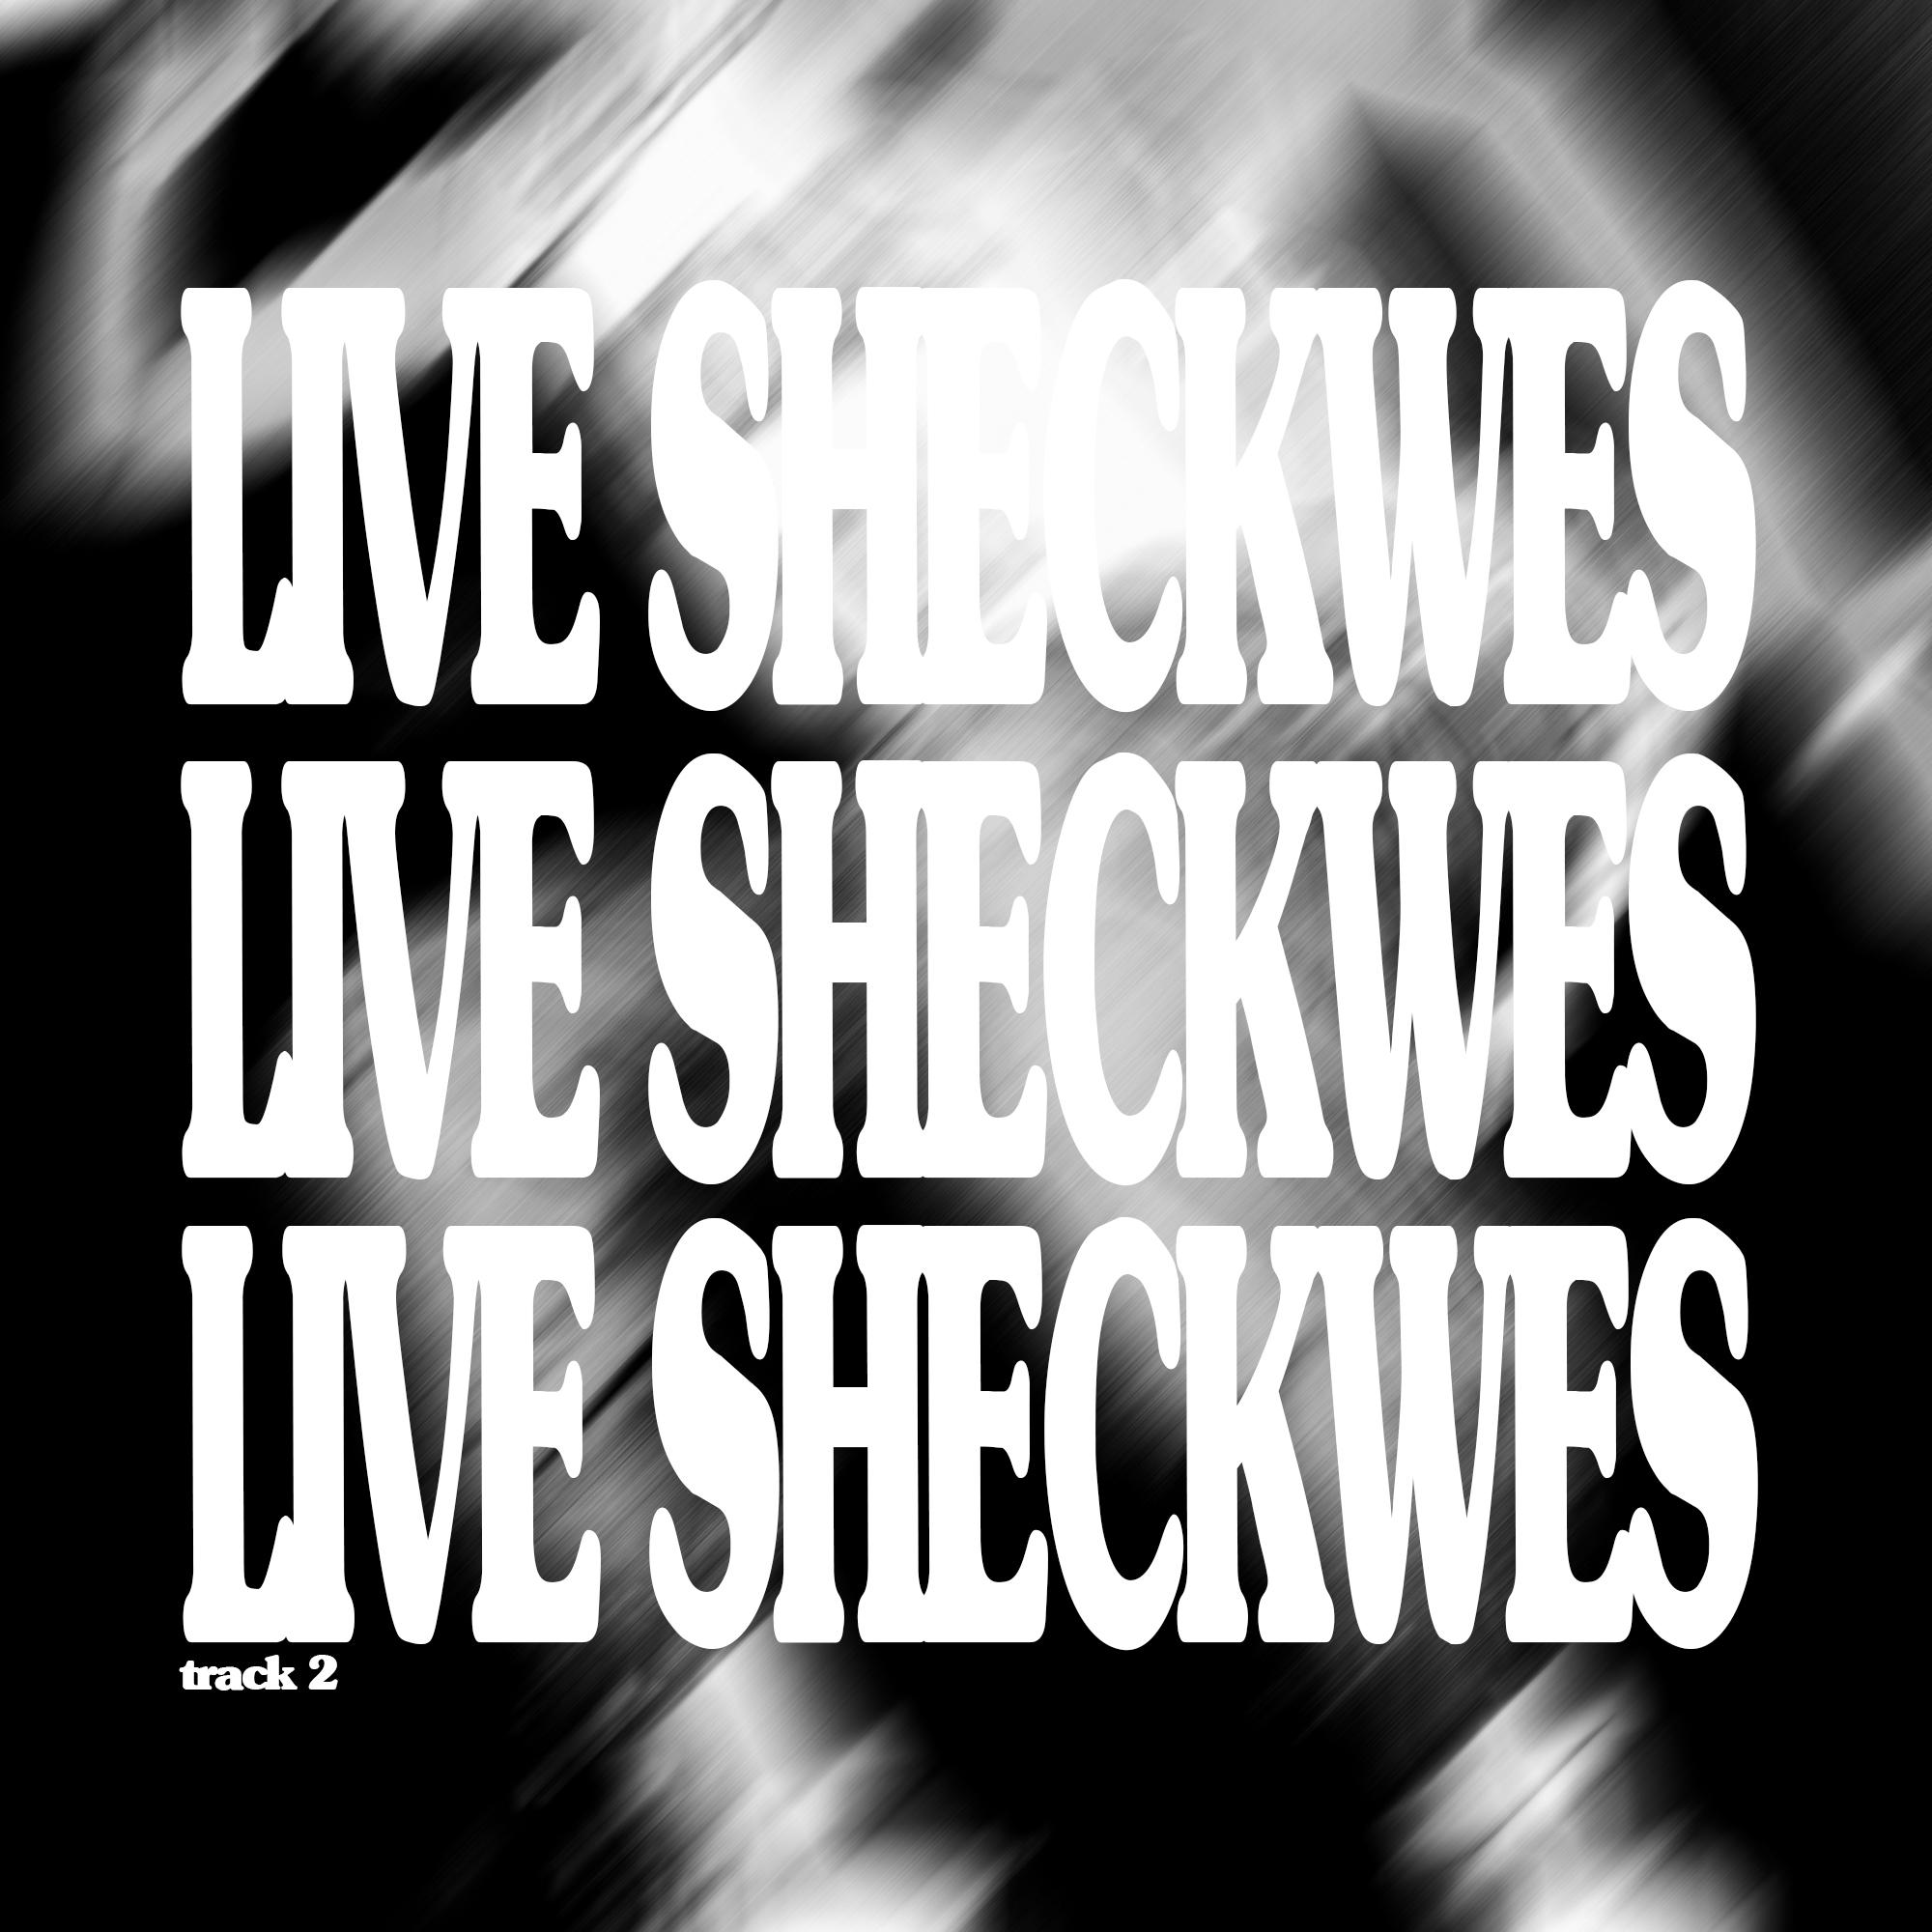 2. live sheckwes.jpg